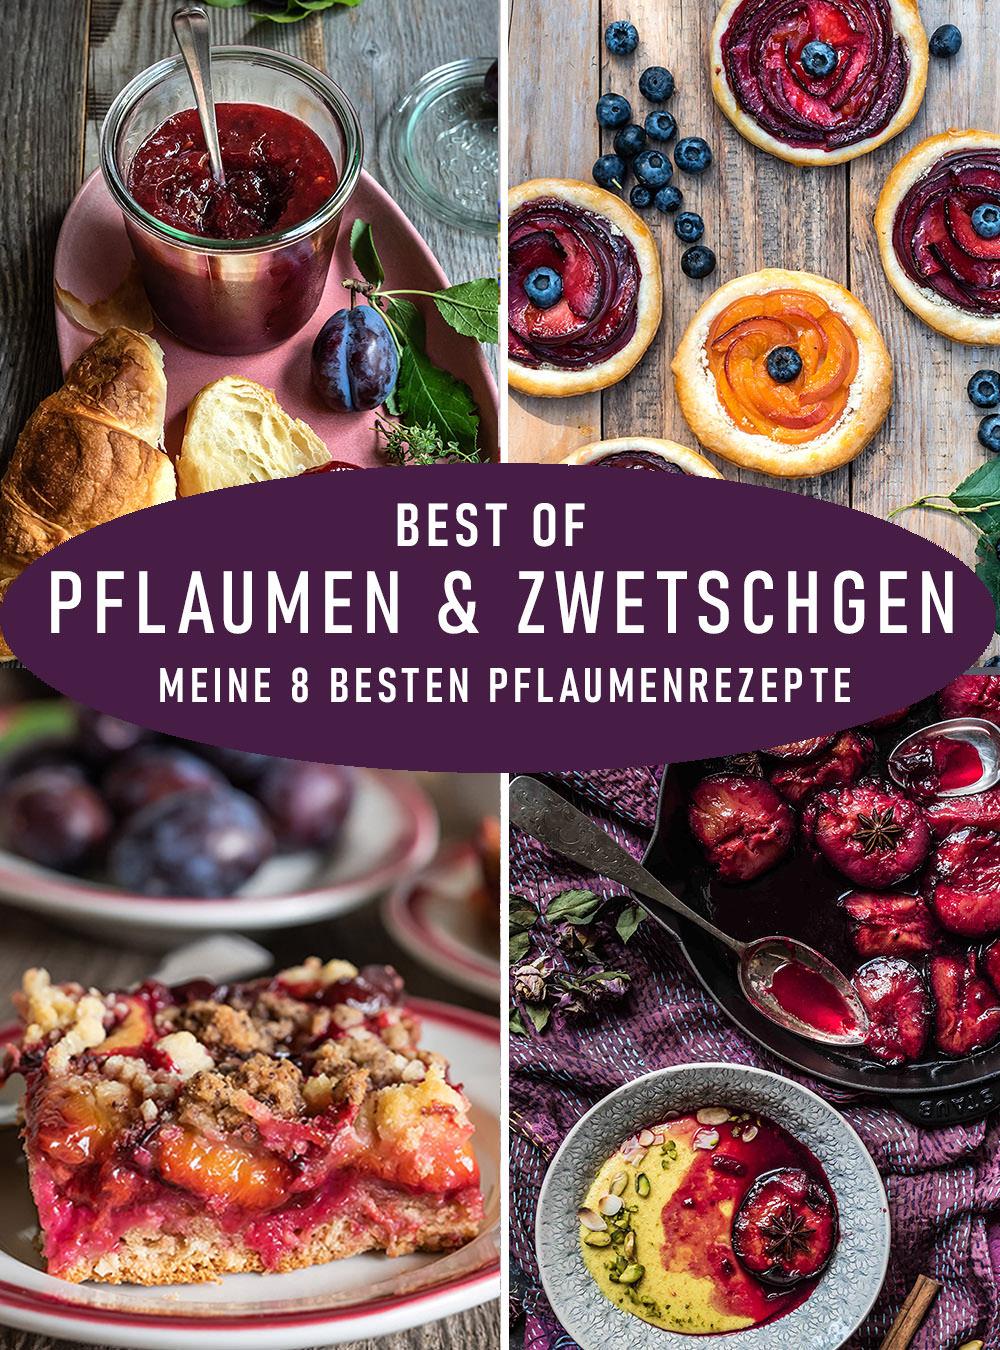 Best of Pflaumen & Zwetschgen – 8 grandiose und einfache Rezepte aus der S-Küche